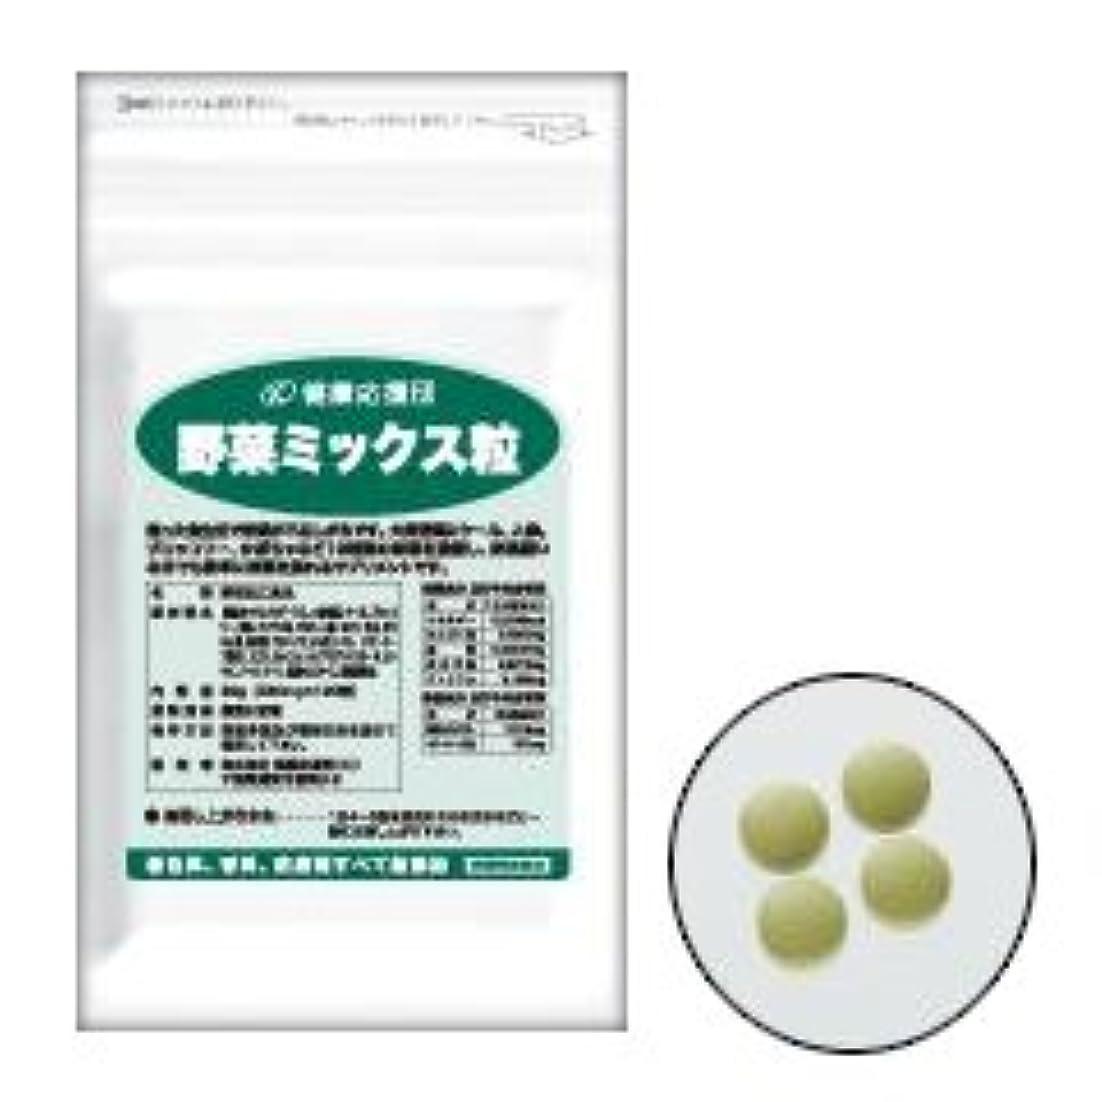 経歴電気的むしろ健康応援団30日分野菜ミックス粒(120粒)サプリメント